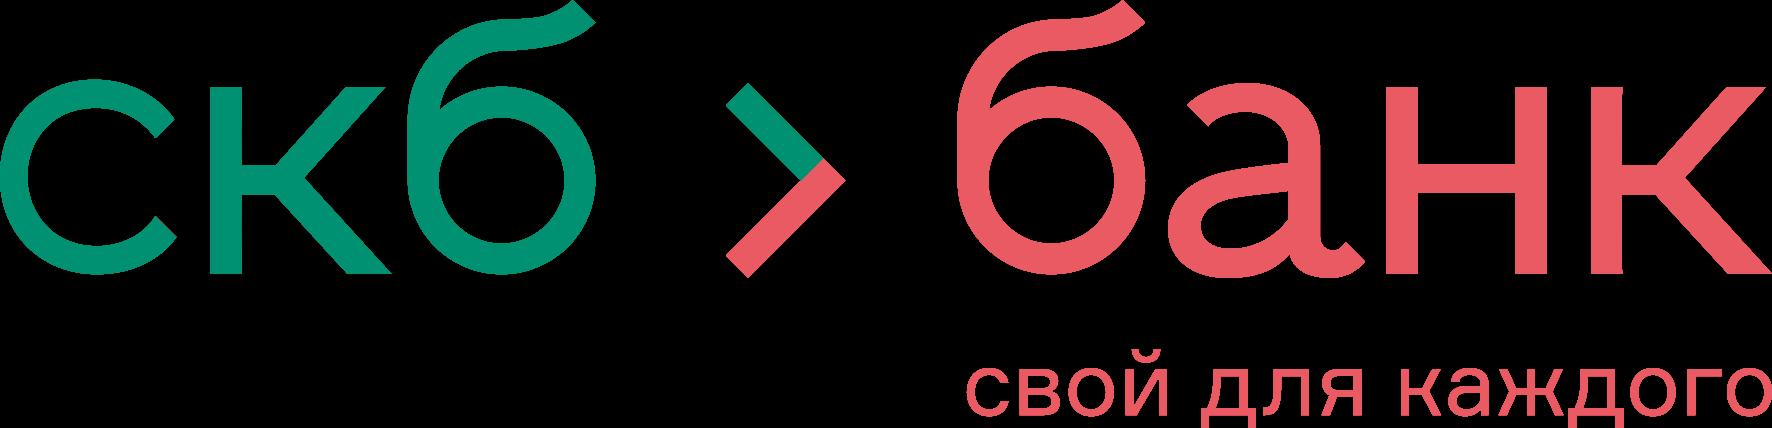 Банк москвы рефинансирование кредитов других банков физическим